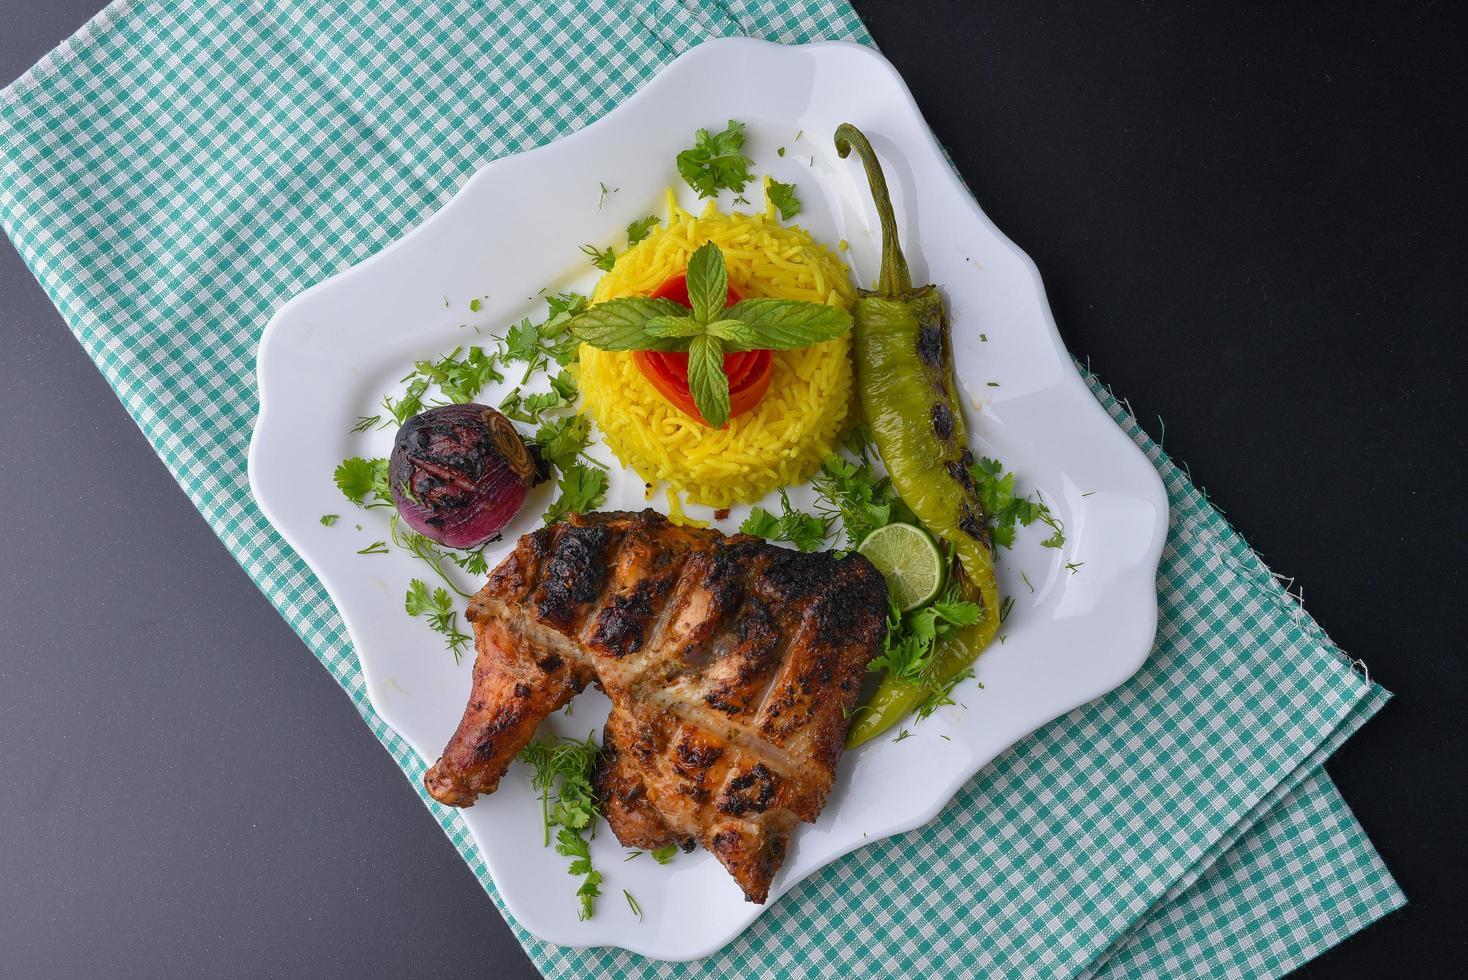 assiette de poulet grillé avec accompagnements photo